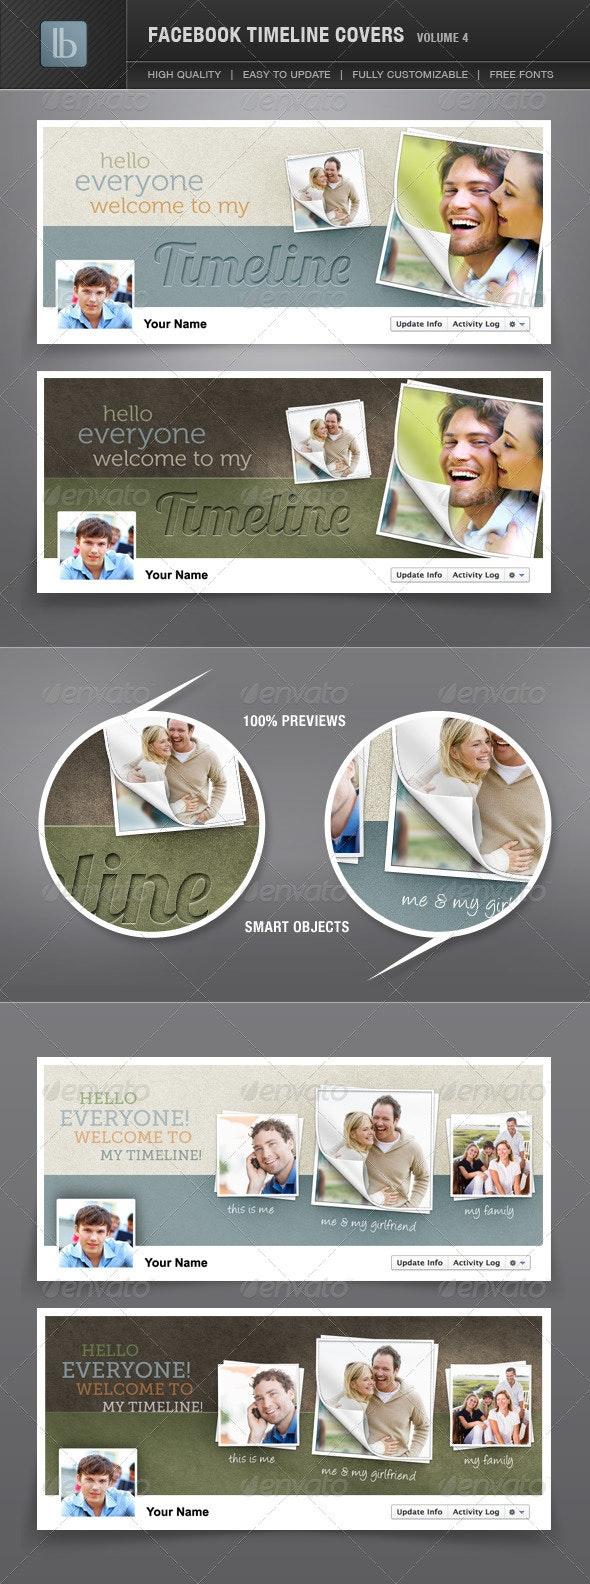 Facebook Timeline Covers | Volume 4 - Facebook Timeline Covers Social Media